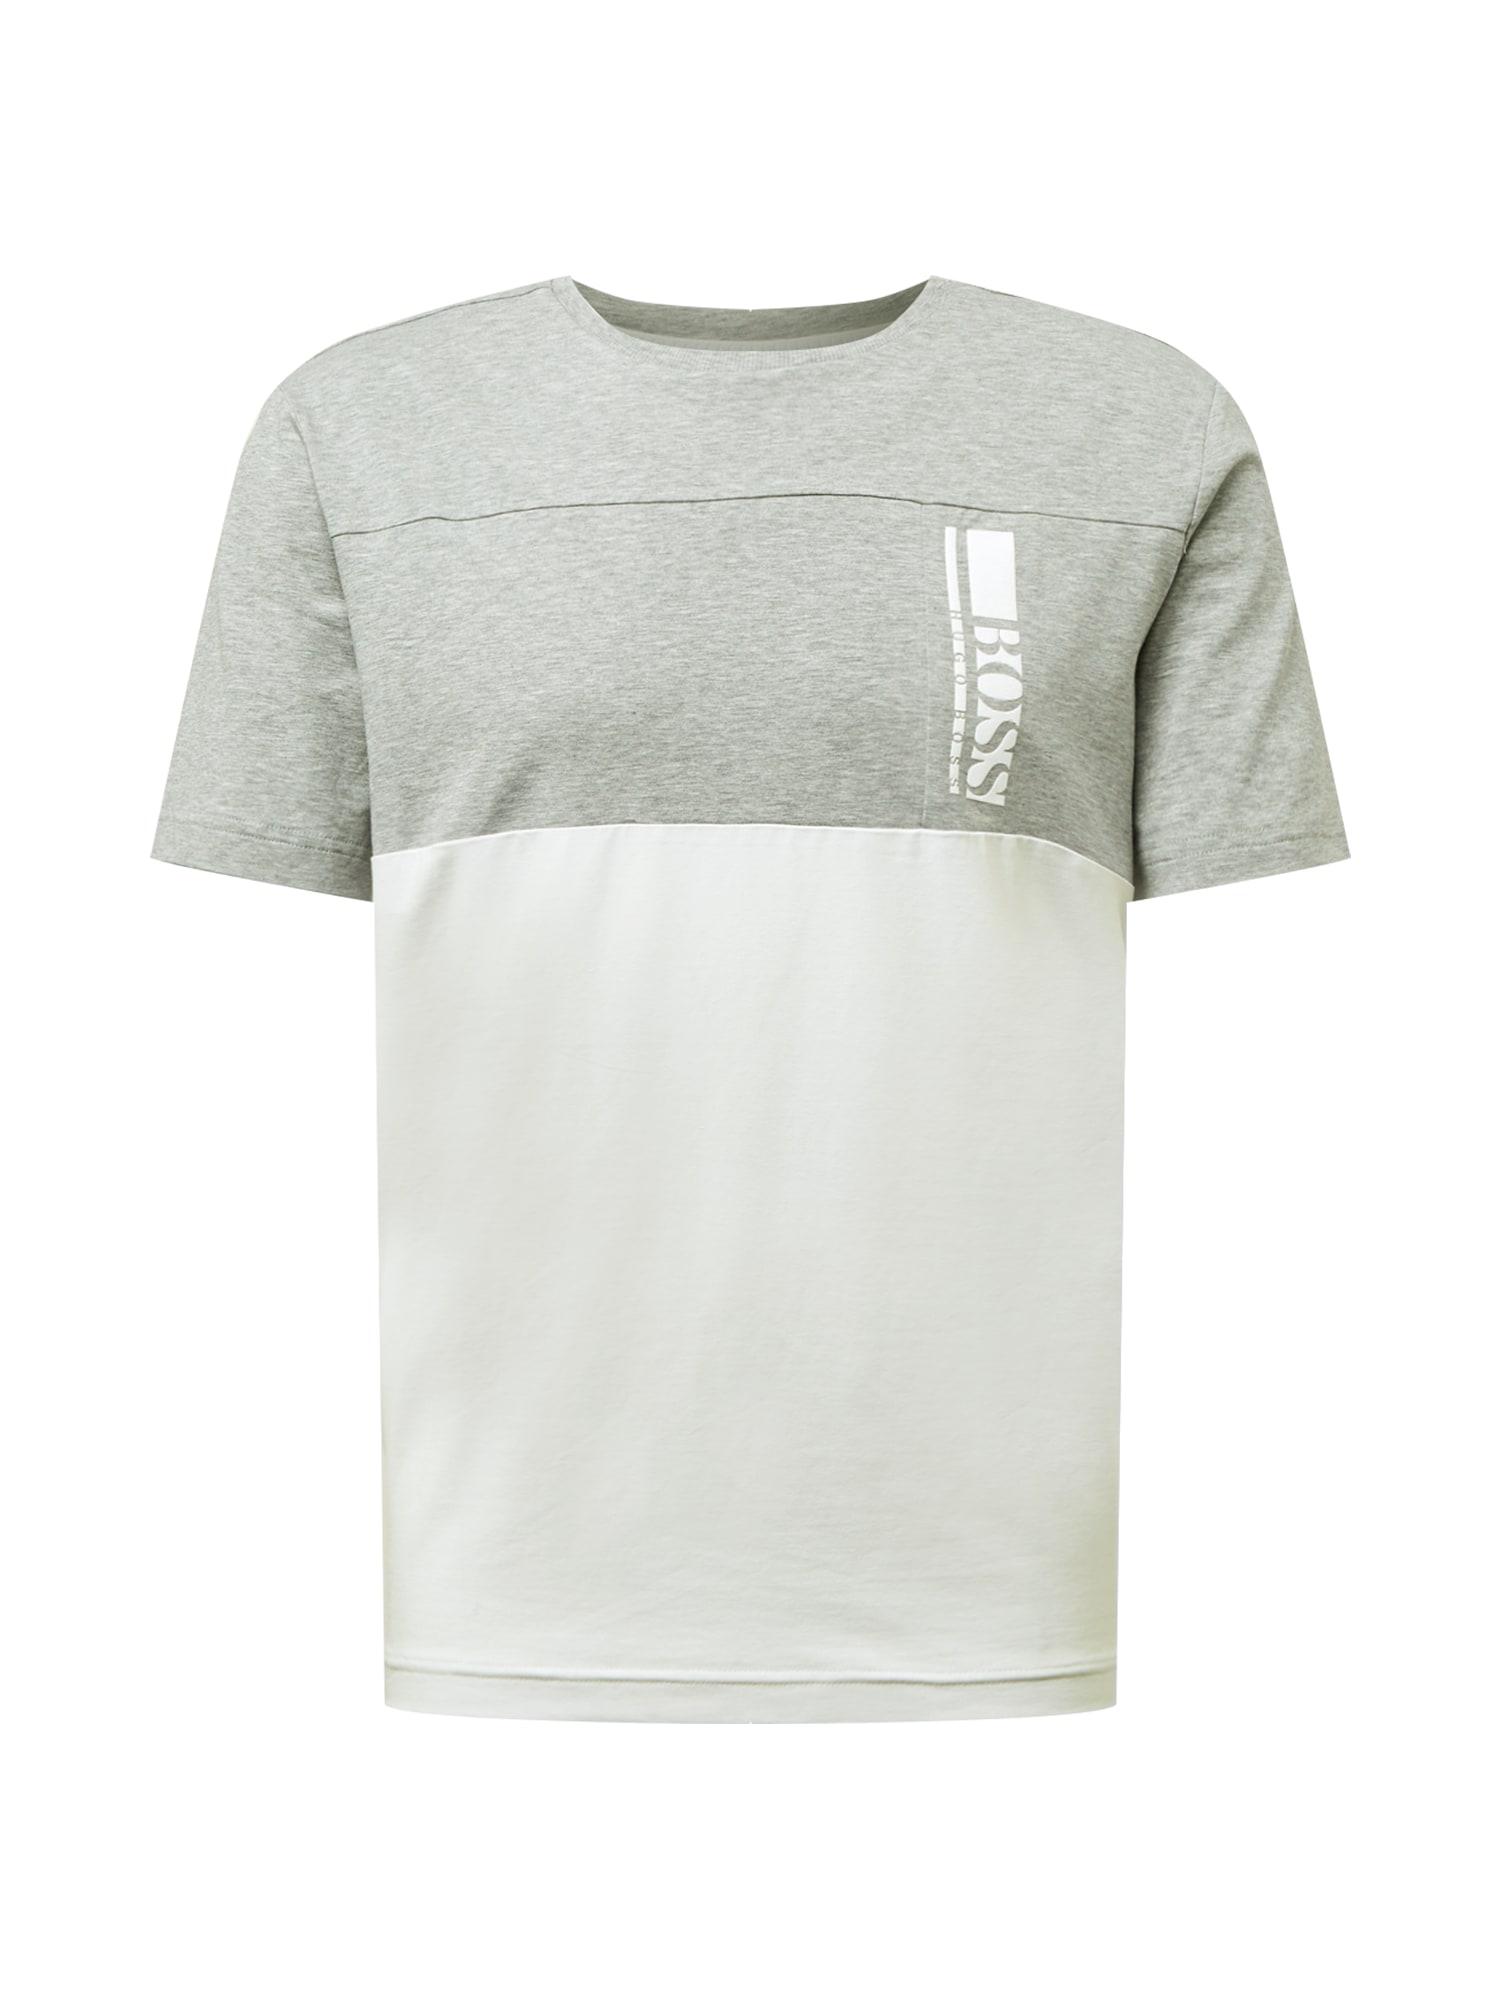 BOSS ATHLEISURE Marškinėliai margai pilka / balta